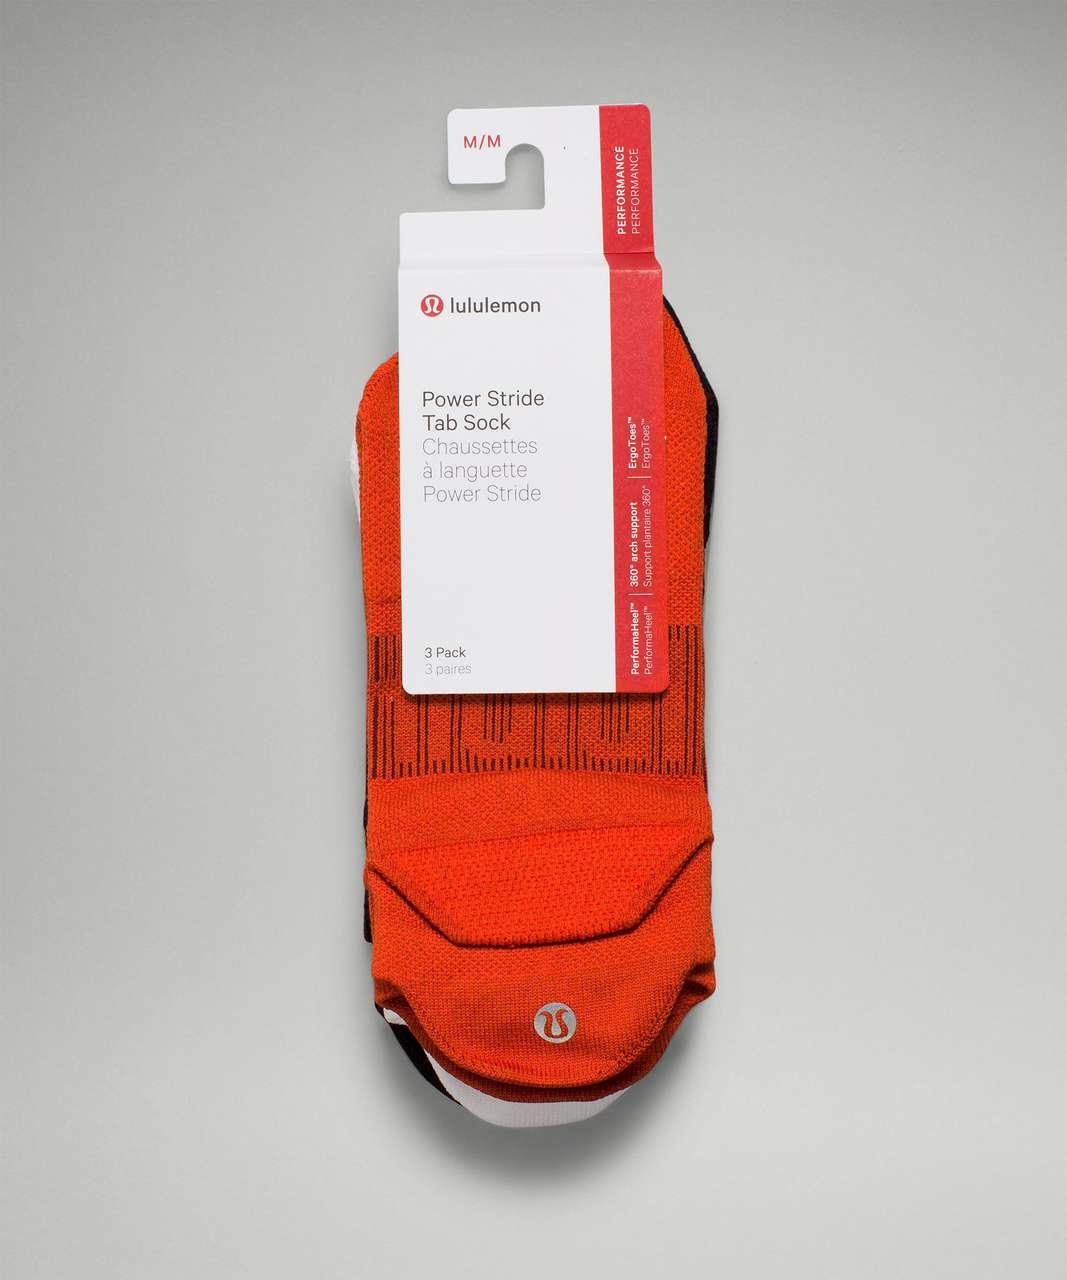 Lululemon Power Stride Tab Sock *3 Pack - Autumn Red / White / Black